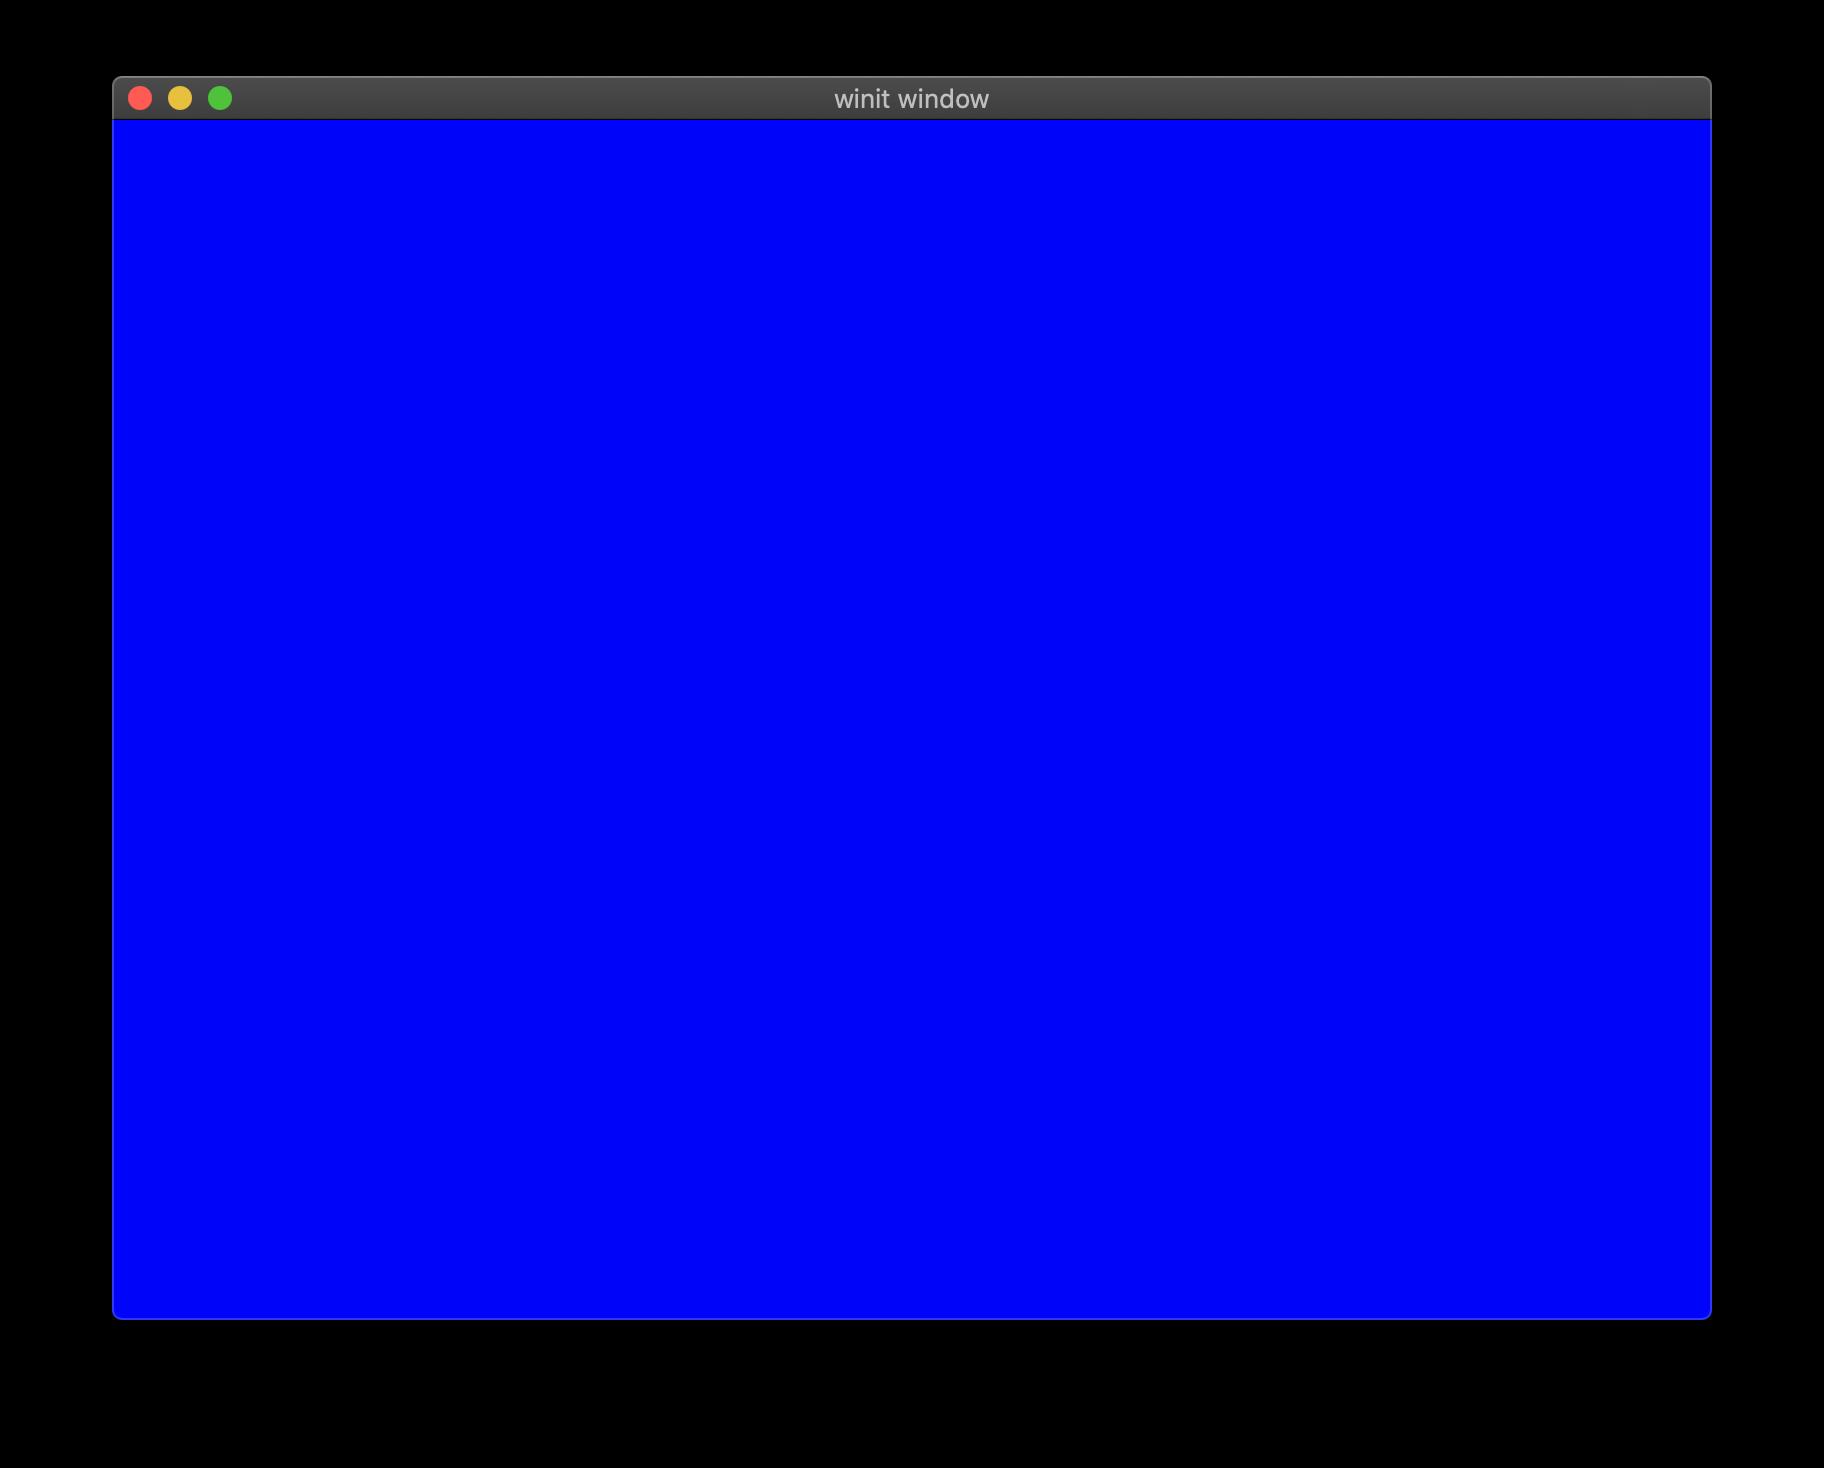 Screenshot 2020-06-09 at 23 24 26